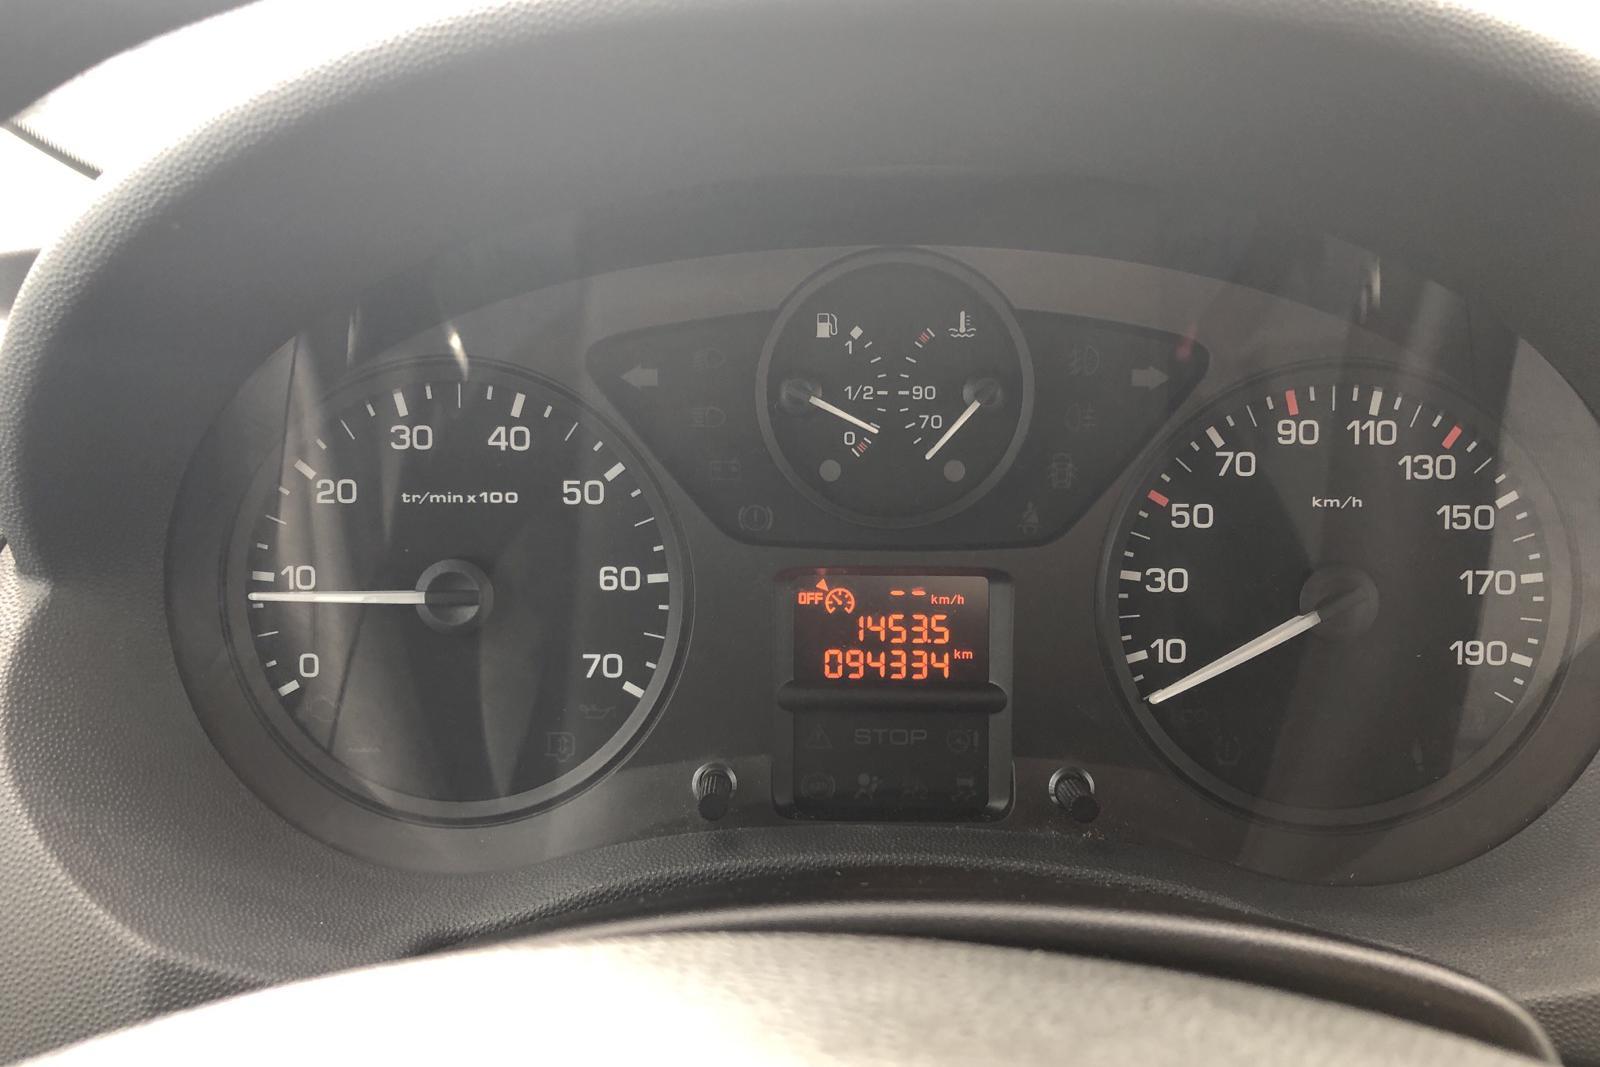 Toyota PROACE 2.0 D-4D (128hk) - 9 433 mil - Manuell - vit - 2014